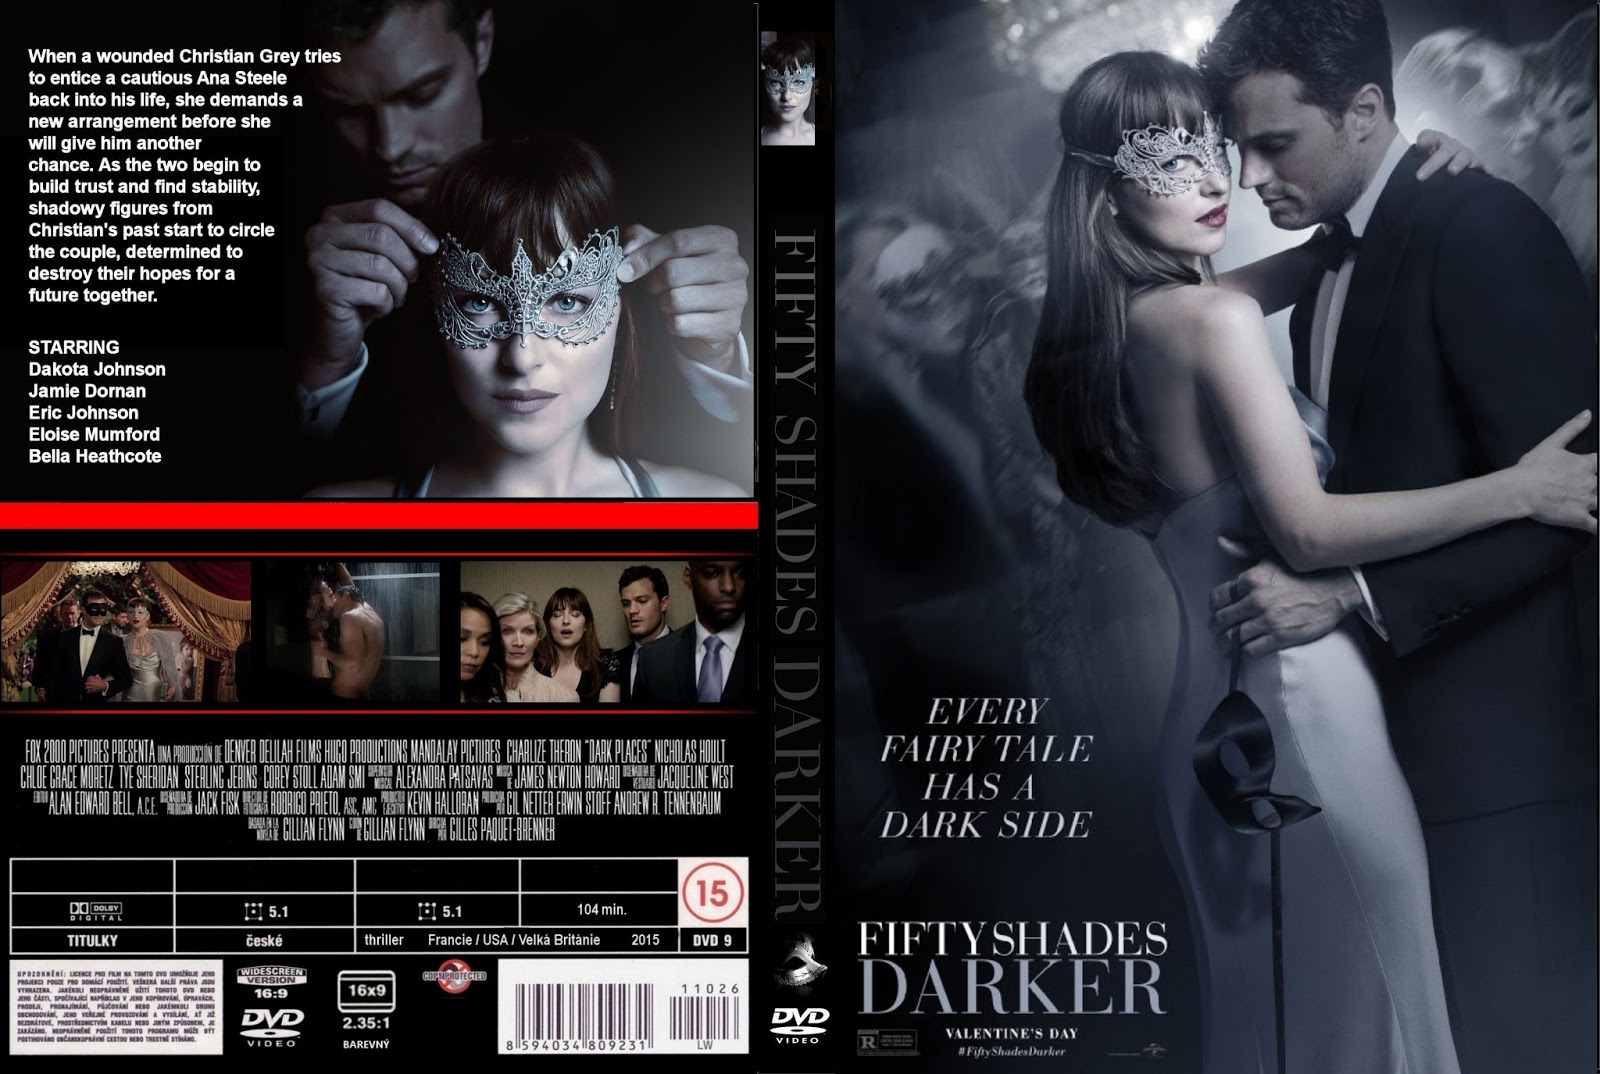 50 Tons Mais Escuros Download Torrent cinquenta tons mais escuro (sem cortes) dvd-r - xandao download™